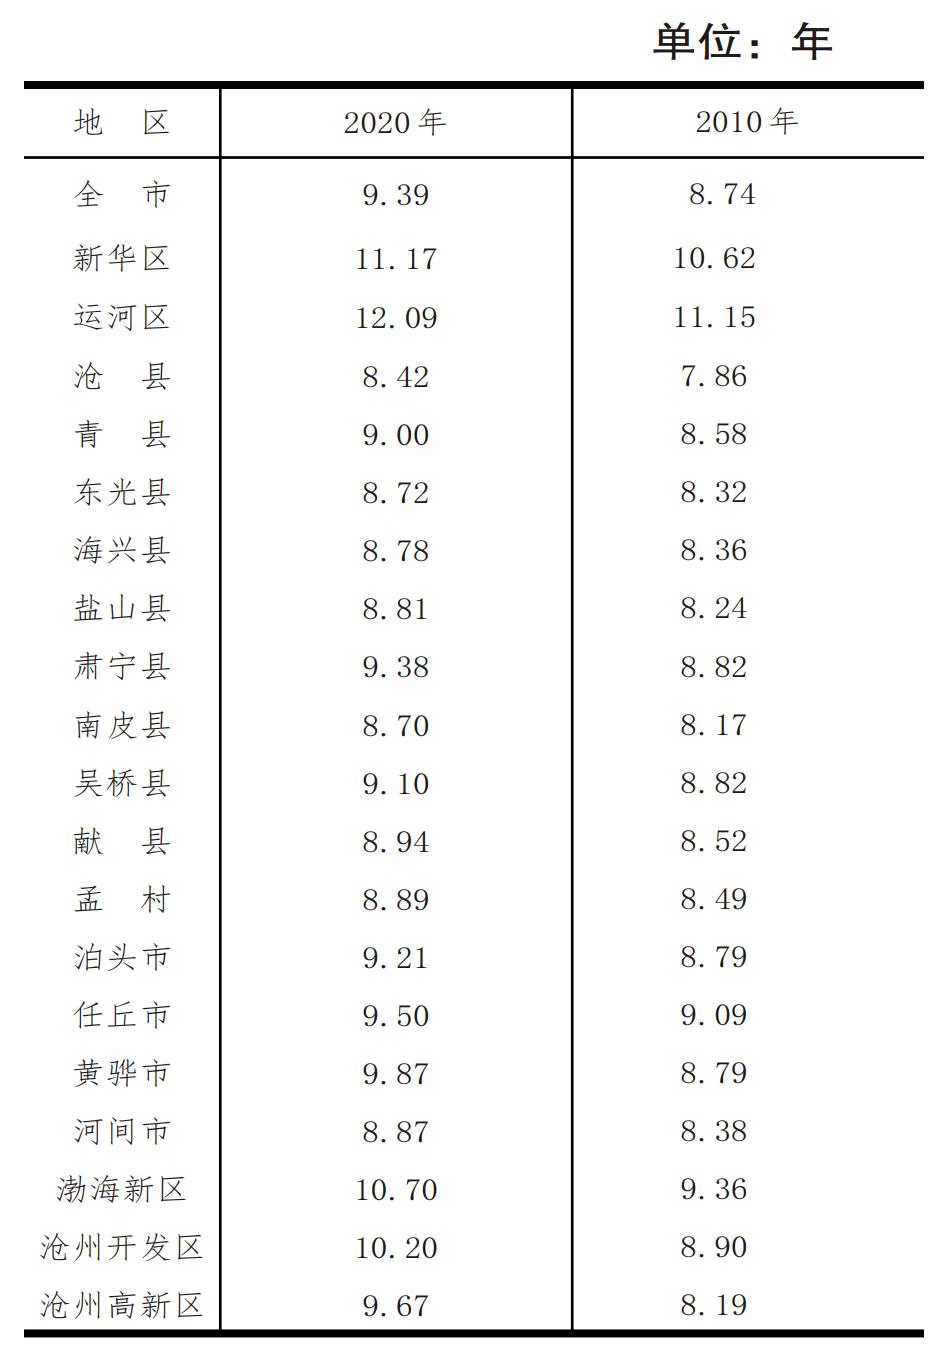 沧州市多少人口_沧州市最新人口普查详情